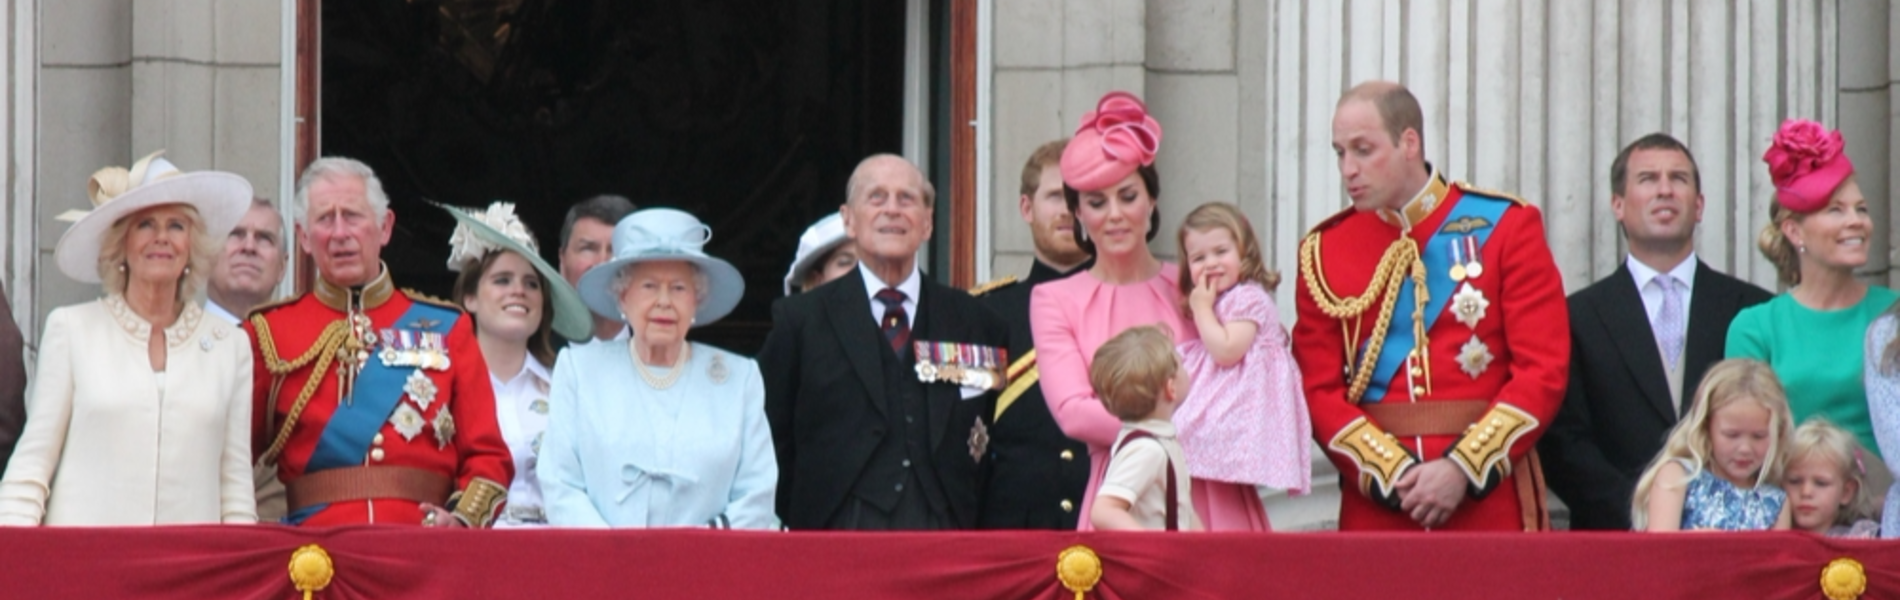 כללי הלבוש הכי הזויים של בנות המלוכה הבריטית